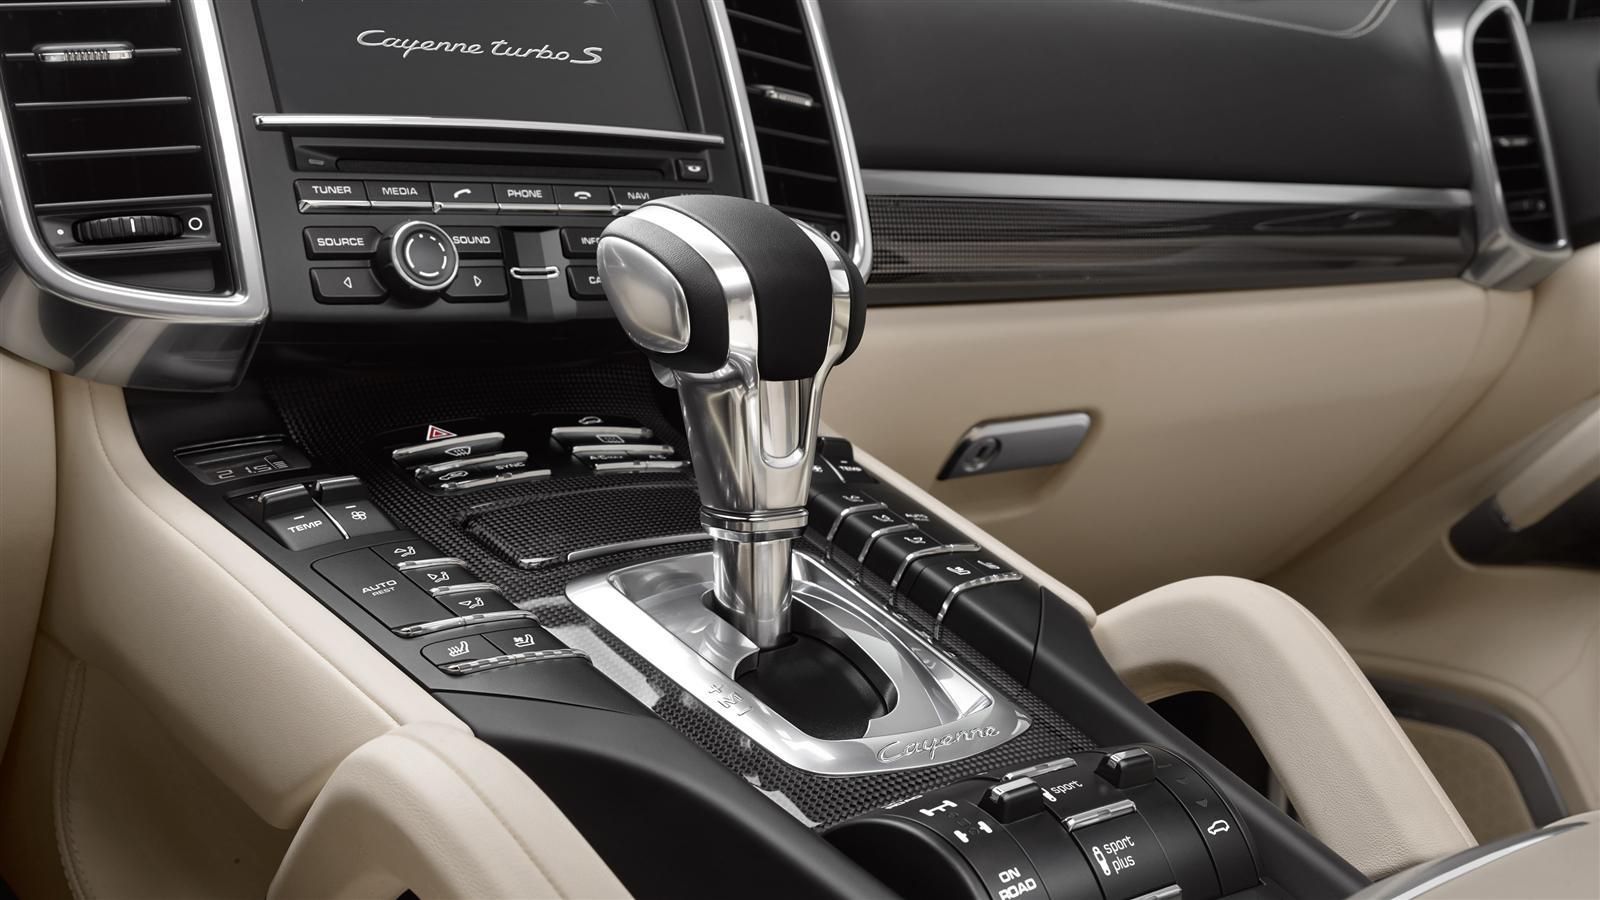 PORSCHE Cayenne Turbo S Specs 2015 2016 2017